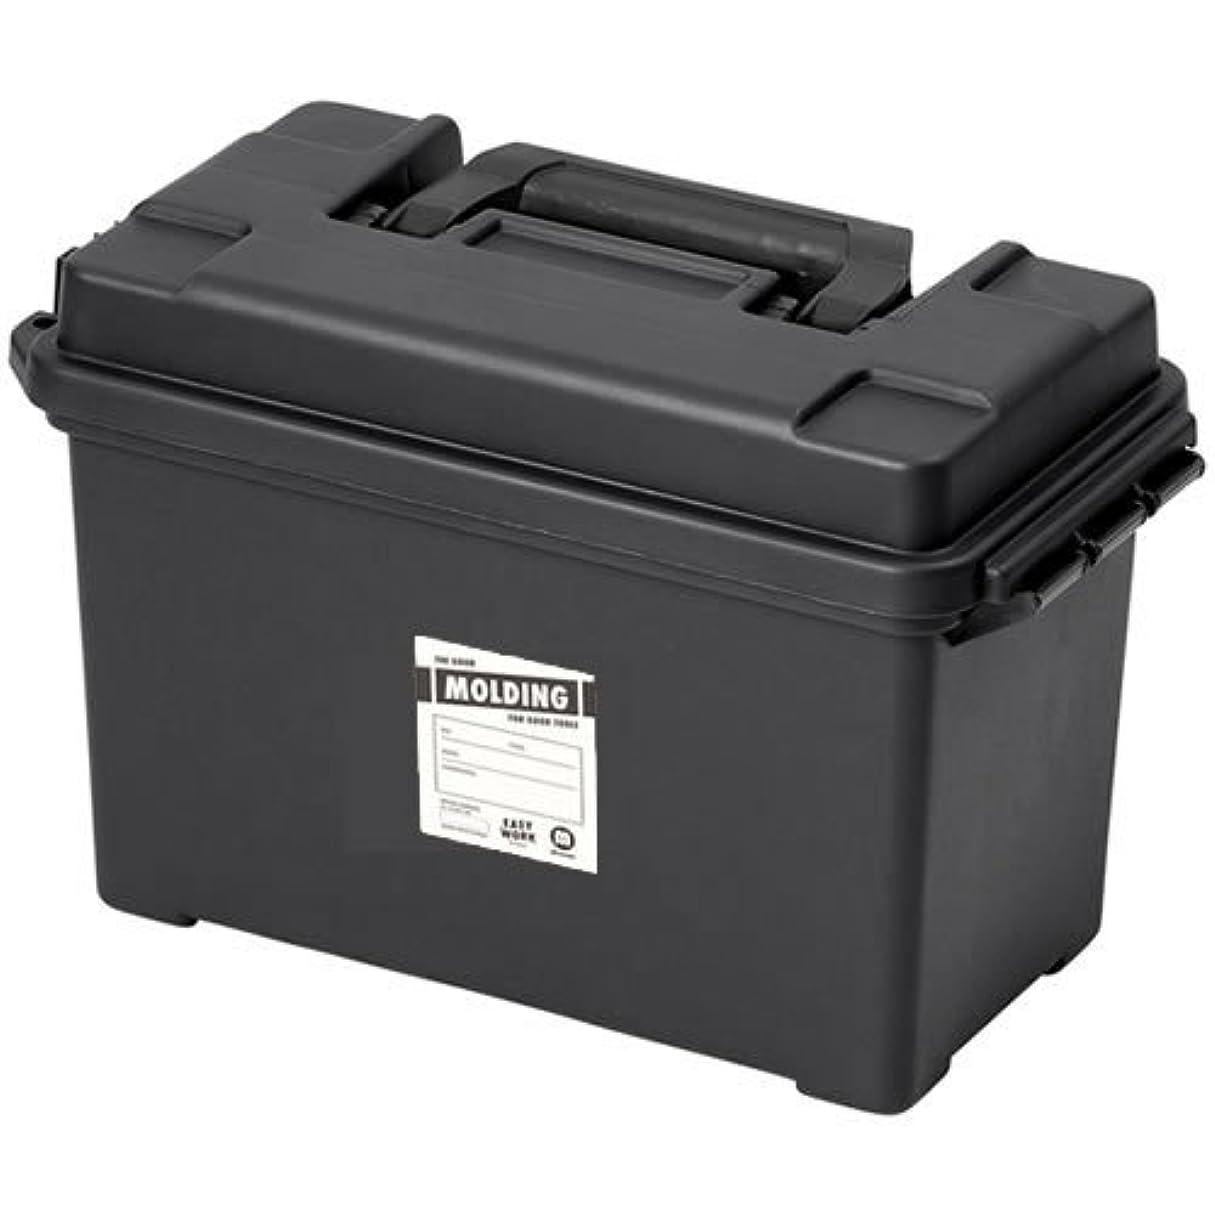 礼拝前述の歌詞molding AMMO TOOL BOX アーモ(弾薬入れ)ツールボックス Lサイズ (ブラック)